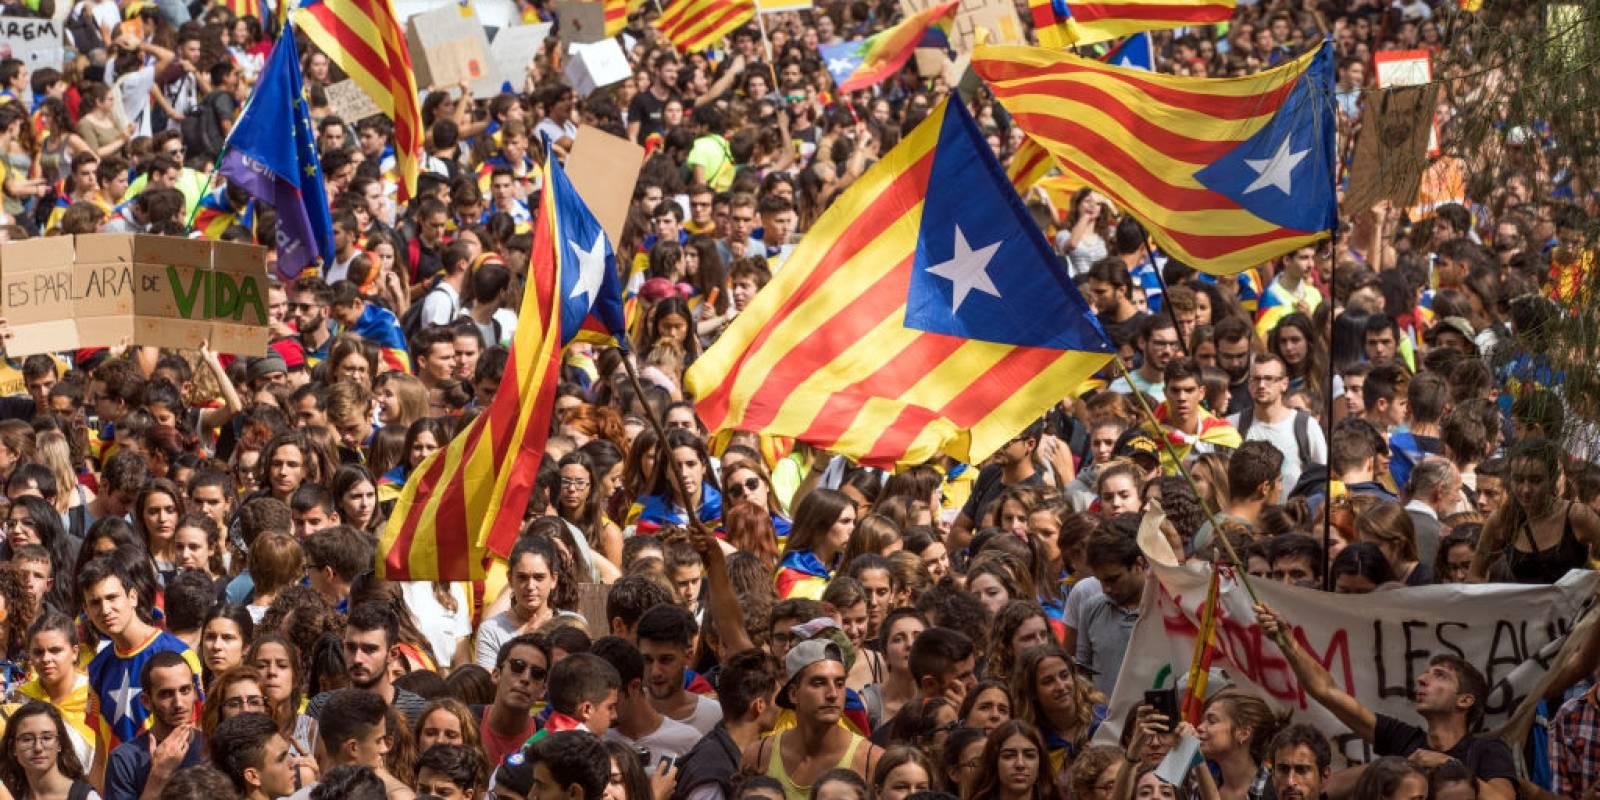 2 dirigentes del Barcelona renunciaron tras realizar partido a puerta cerrada